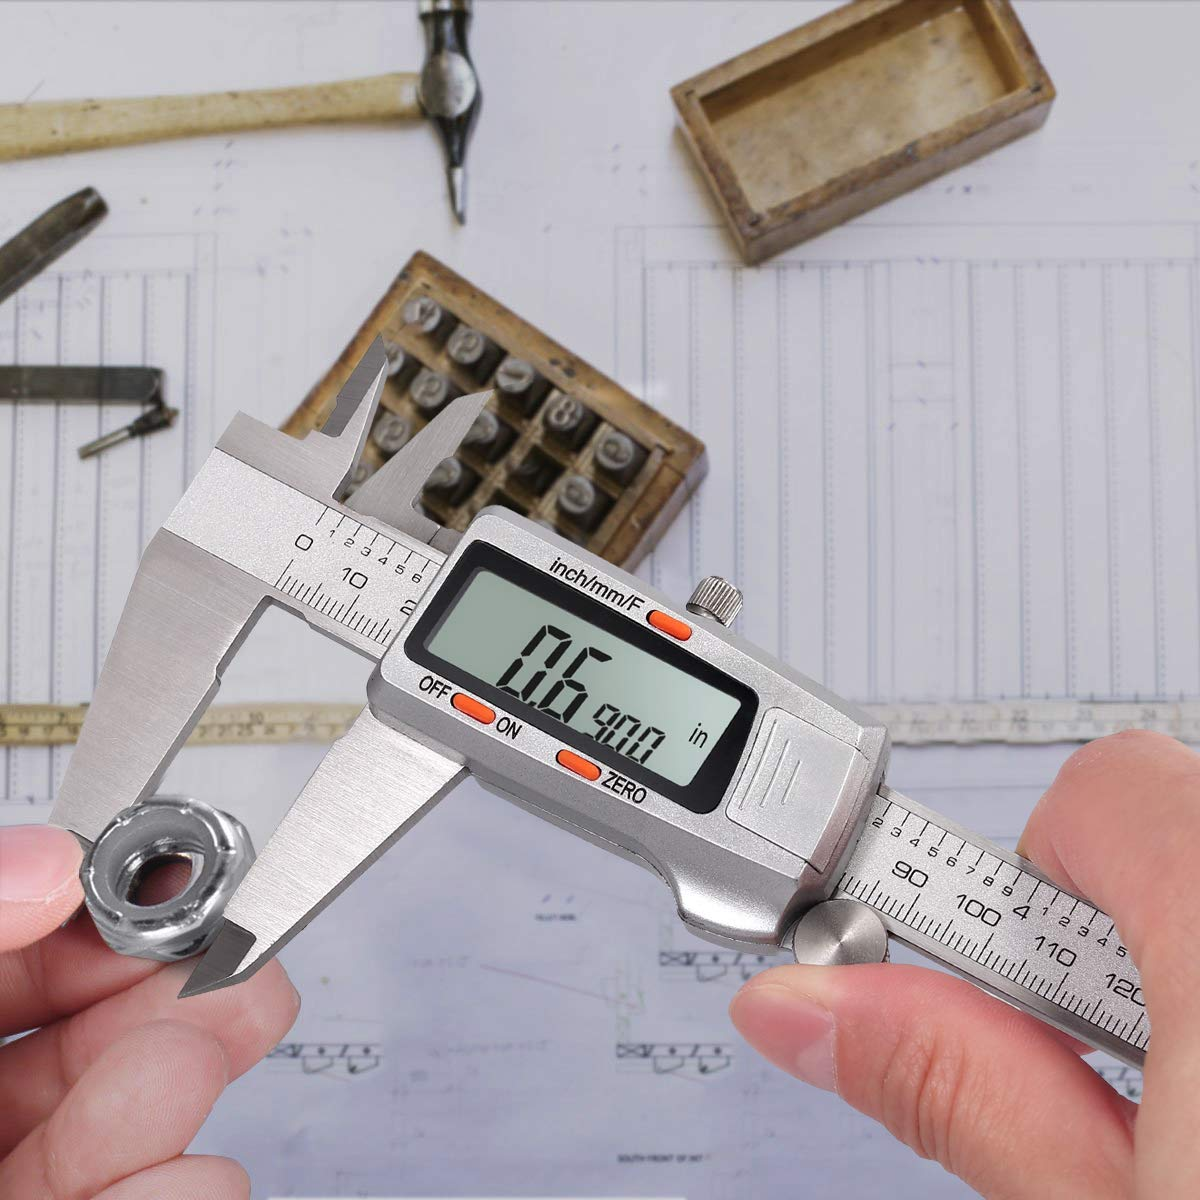 8 Calibro a Corsoio Micrometro LCD Autospegnimento Test Lunghezza Larghezza Profondit/à Diametro Interno Esterno ESYNiC 200mm Calibro Digitale Frazione//Pollice//Metrico in Acciaio Inox Argento